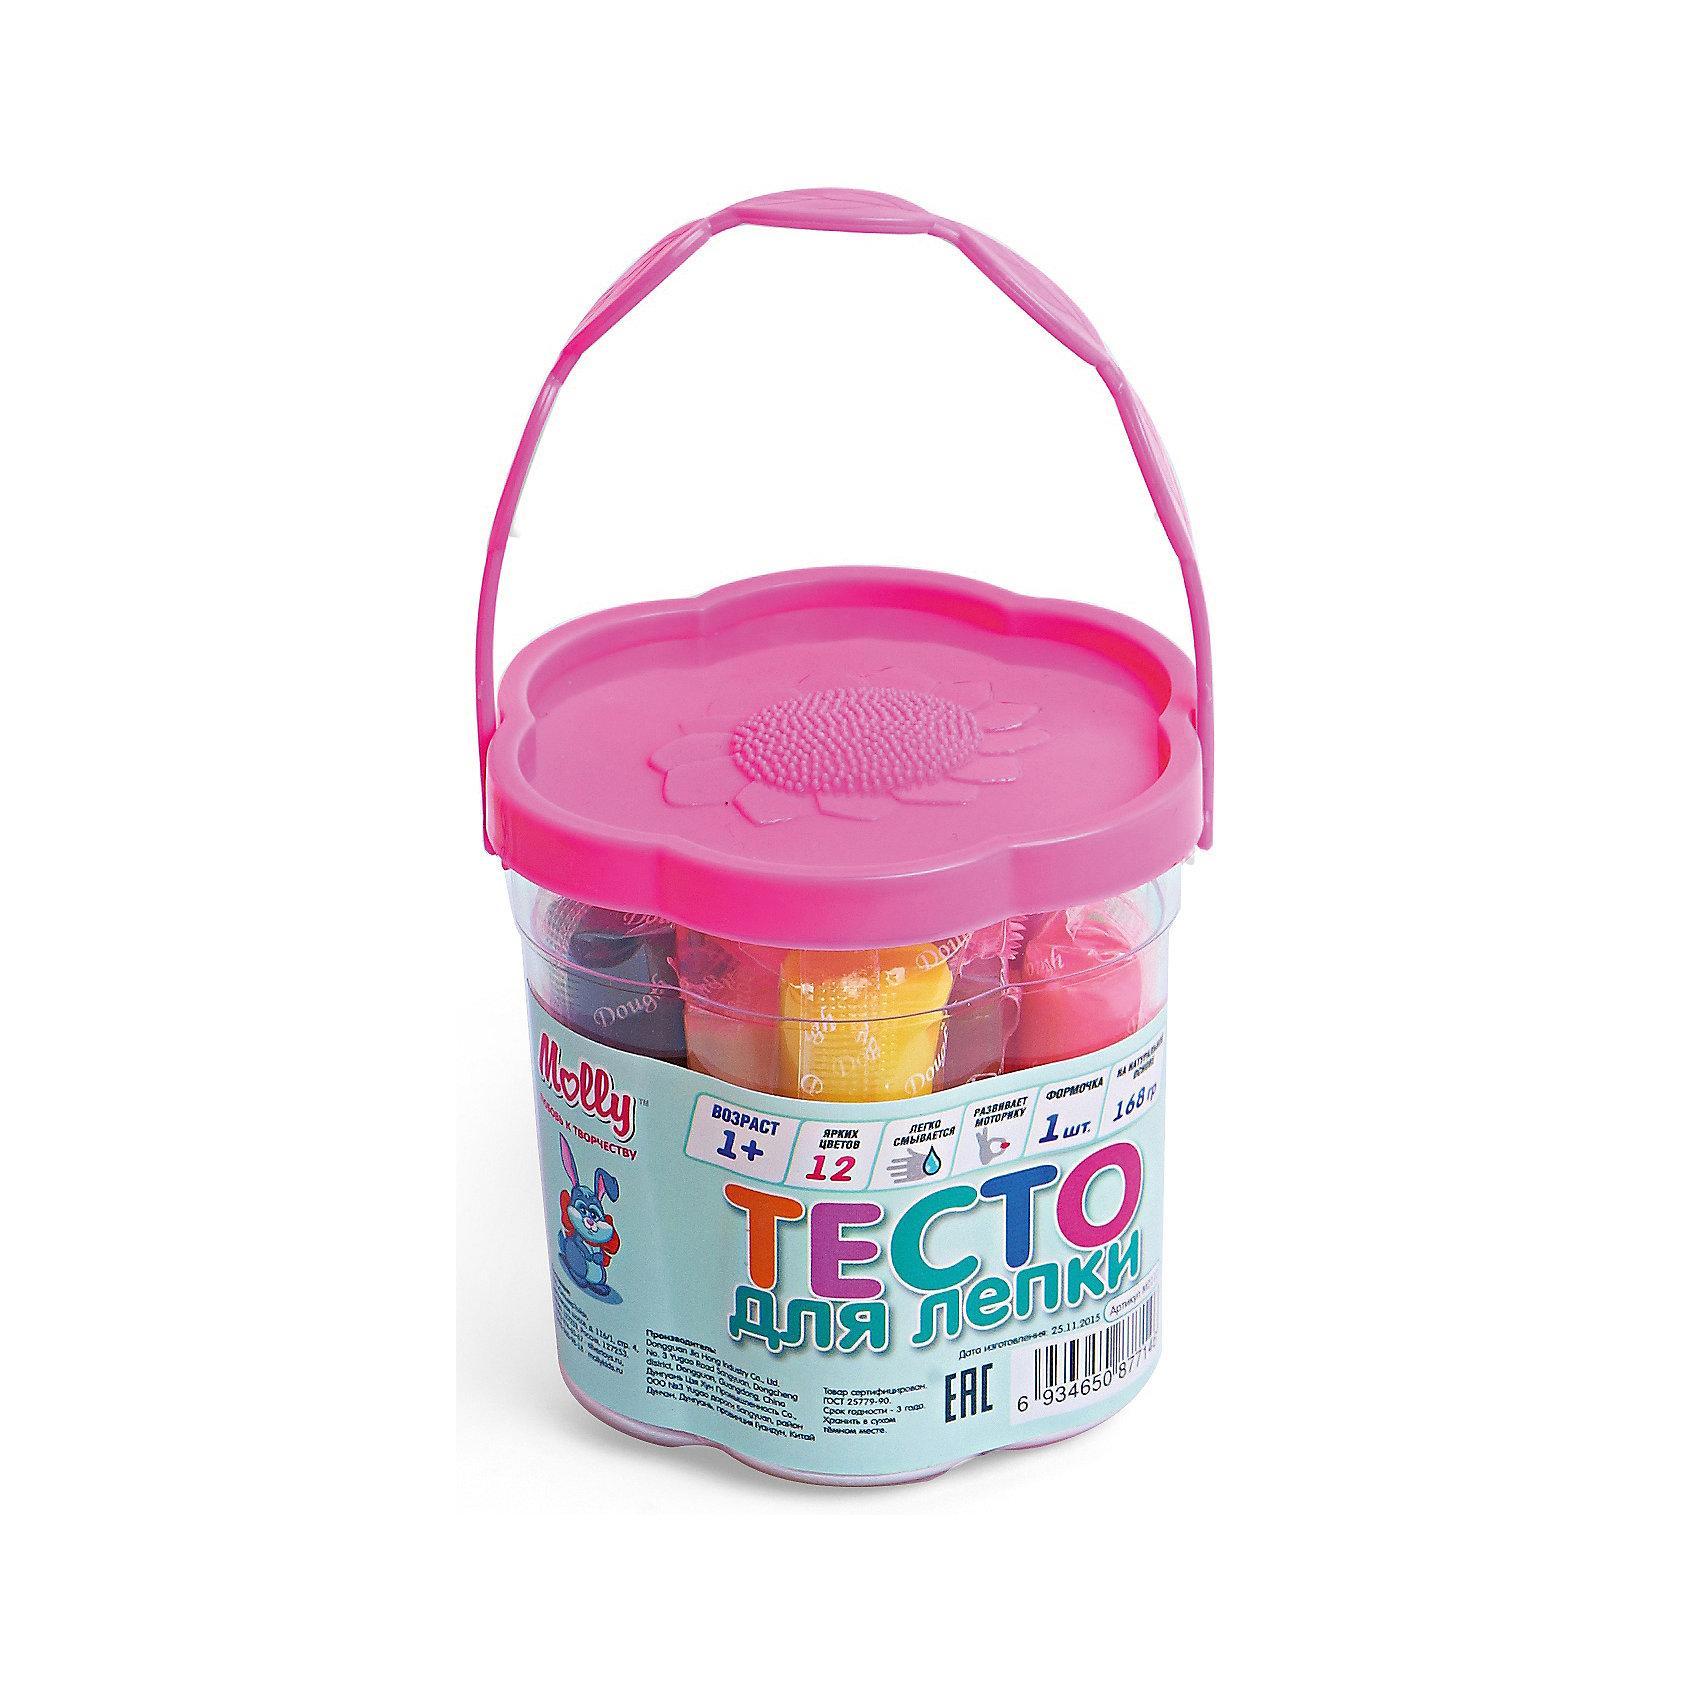 Тесто для лепки 12 цветов  + 1  формочкаТесто для лепки<br>Тесто для лепки 12 цветов  + 1  формочка.<br><br>Характеристики:<br><br>• Для детей в возрасте: от 1 года<br>• В наборе: 12 брусков разных цветов в индивидуальных упаковках (168 гр.), формочка<br>• Длина бруска теста: 5 см.<br>• Состав: пшеничная мука крахмал, вода, соль, пищевая добавка, пищевой краситель<br>• Упаковка: пластиковое ведерко с крышкой<br>• Размер упаковки: 8х8х8 см.<br><br>Тесто может использоваться многократно при условии правильного хранения. Готовые подделки застывают на воздухе, не крошатся, обладают достаточной прочностью, после полного высыхания их можно раскрасить красками. Тесто для лепки абсолютно безопасно, гипоаллергенно. В наборе имеется пластиковая формочка для моделирования.<br><br>Тесто для лепки 12 цветов  + 1  формочка можно купить в нашем интернет-магазине.<br><br>Ширина мм: 70<br>Глубина мм: 70<br>Высота мм: 70<br>Вес г: 125<br>Возраст от месяцев: 36<br>Возраст до месяцев: 2147483647<br>Пол: Унисекс<br>Возраст: Детский<br>SKU: 5519355